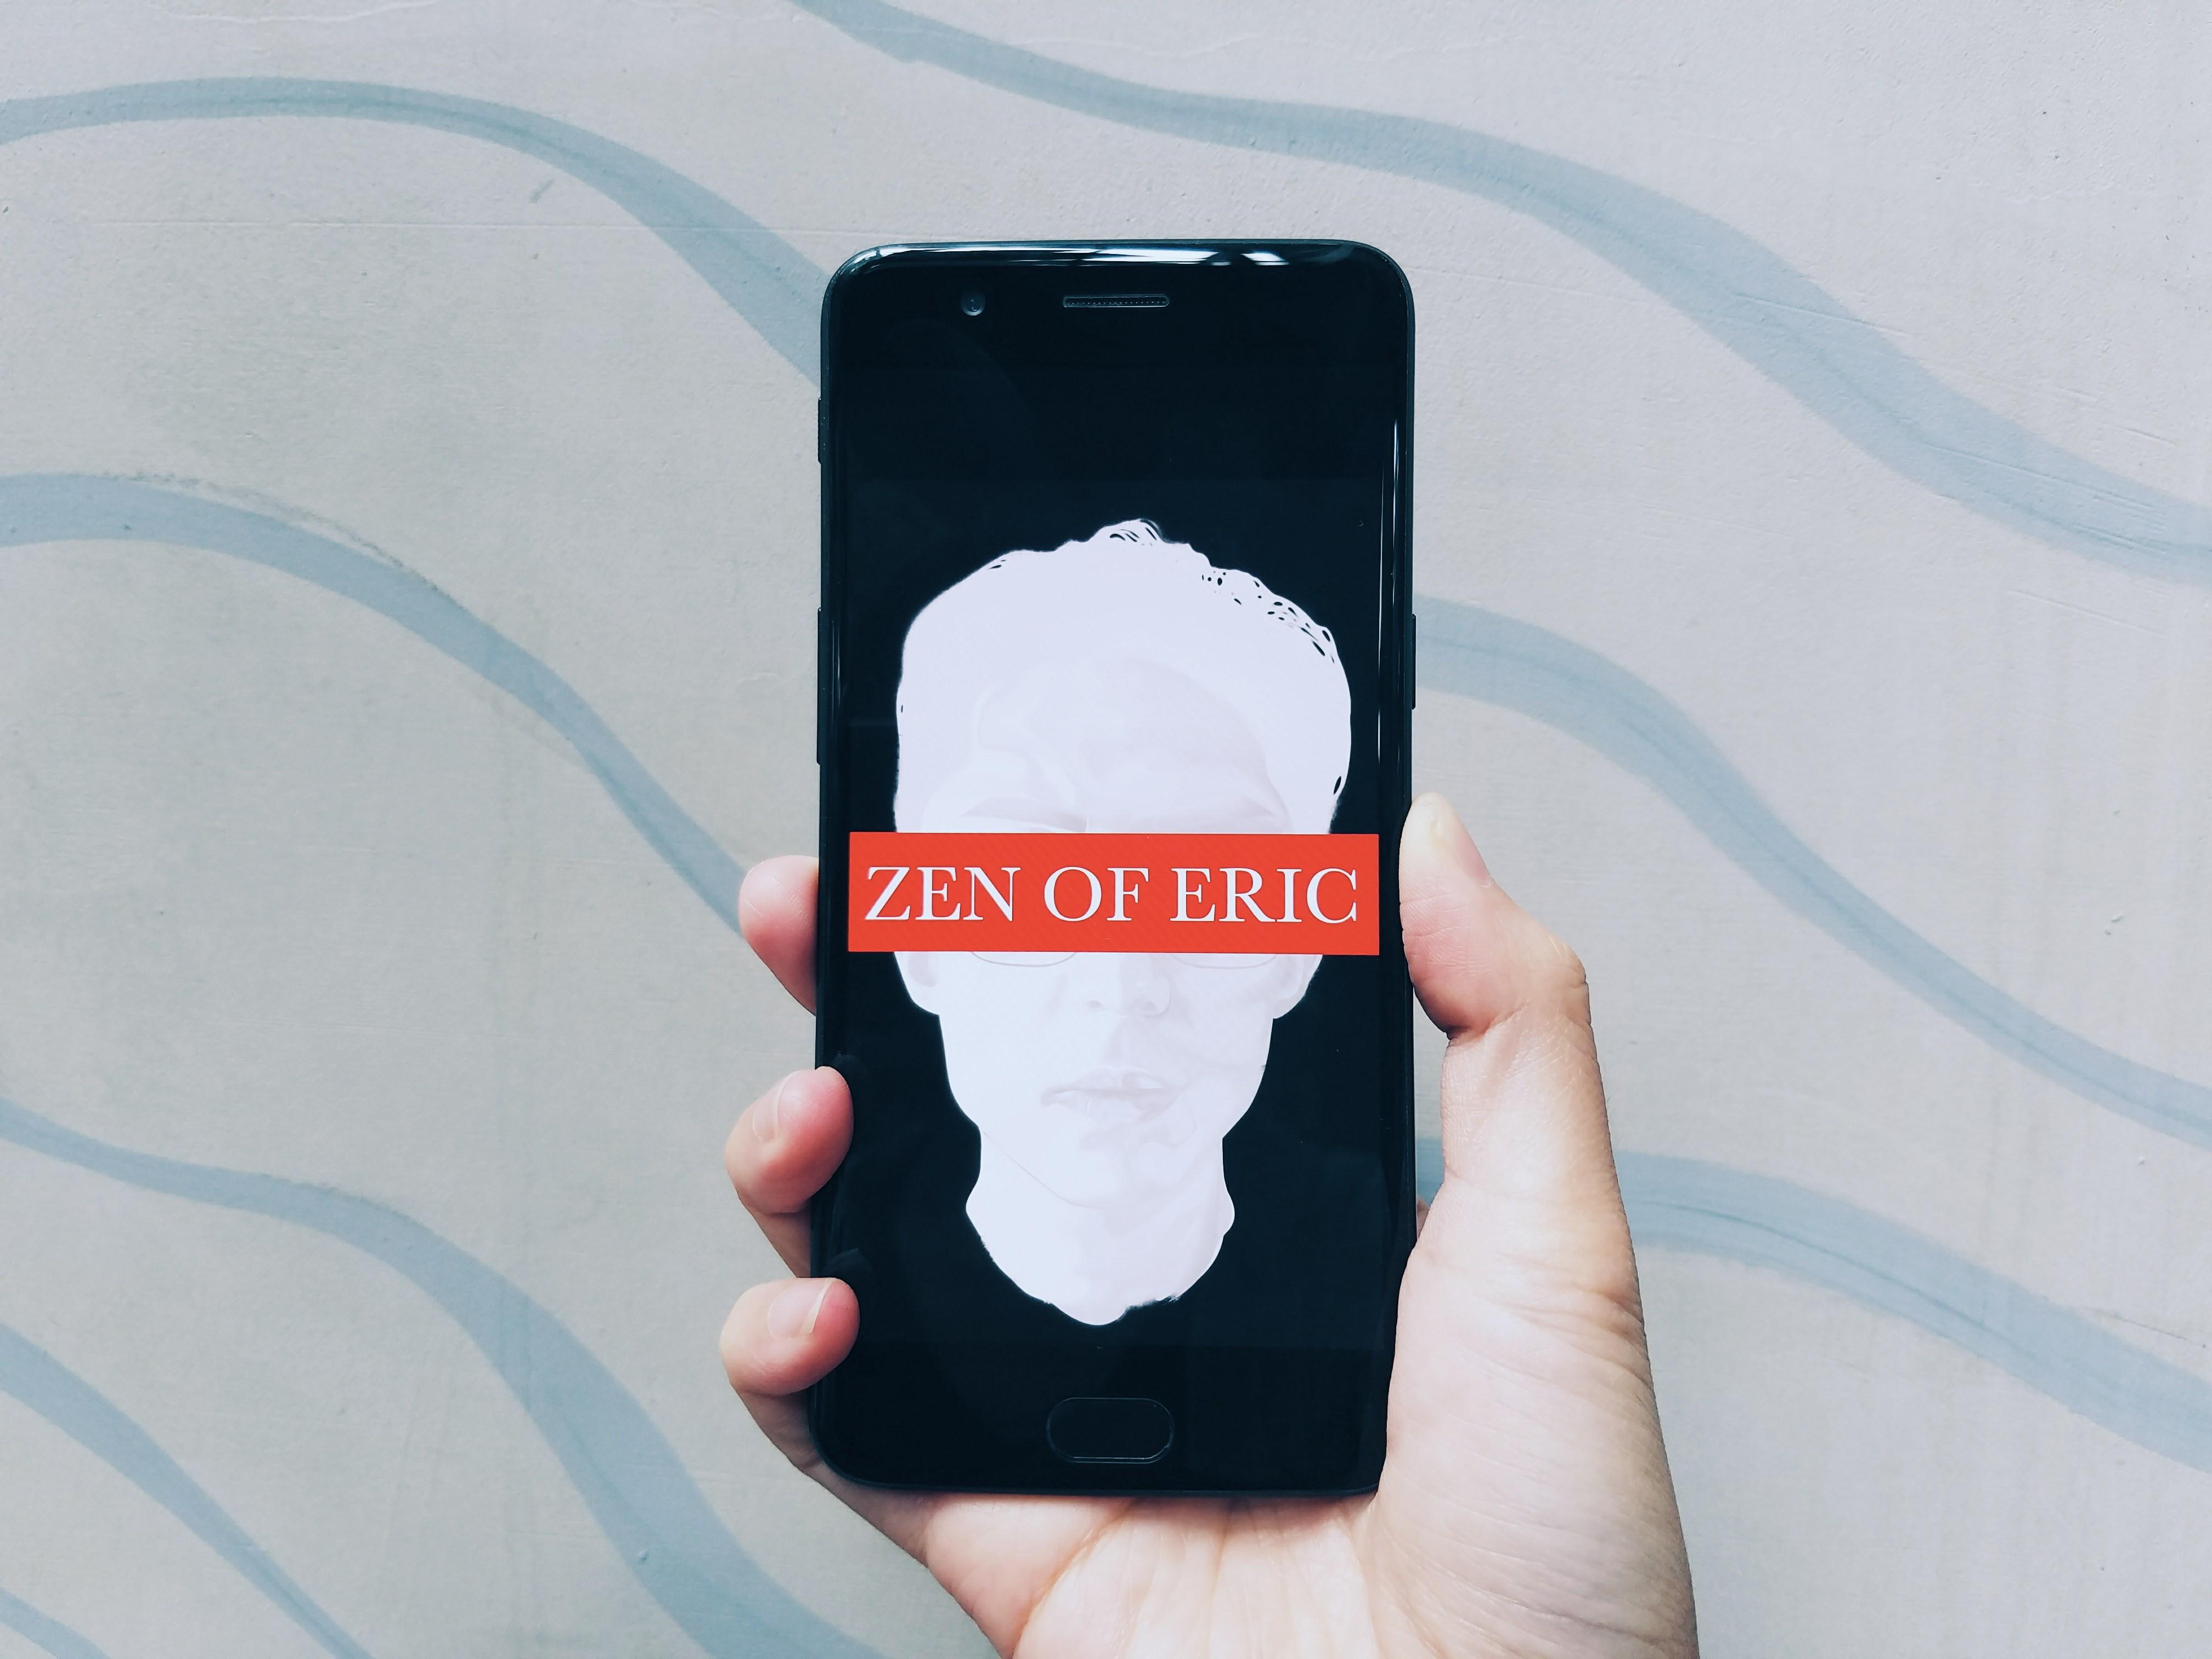 eric kim zen of eric phone promo.jpg